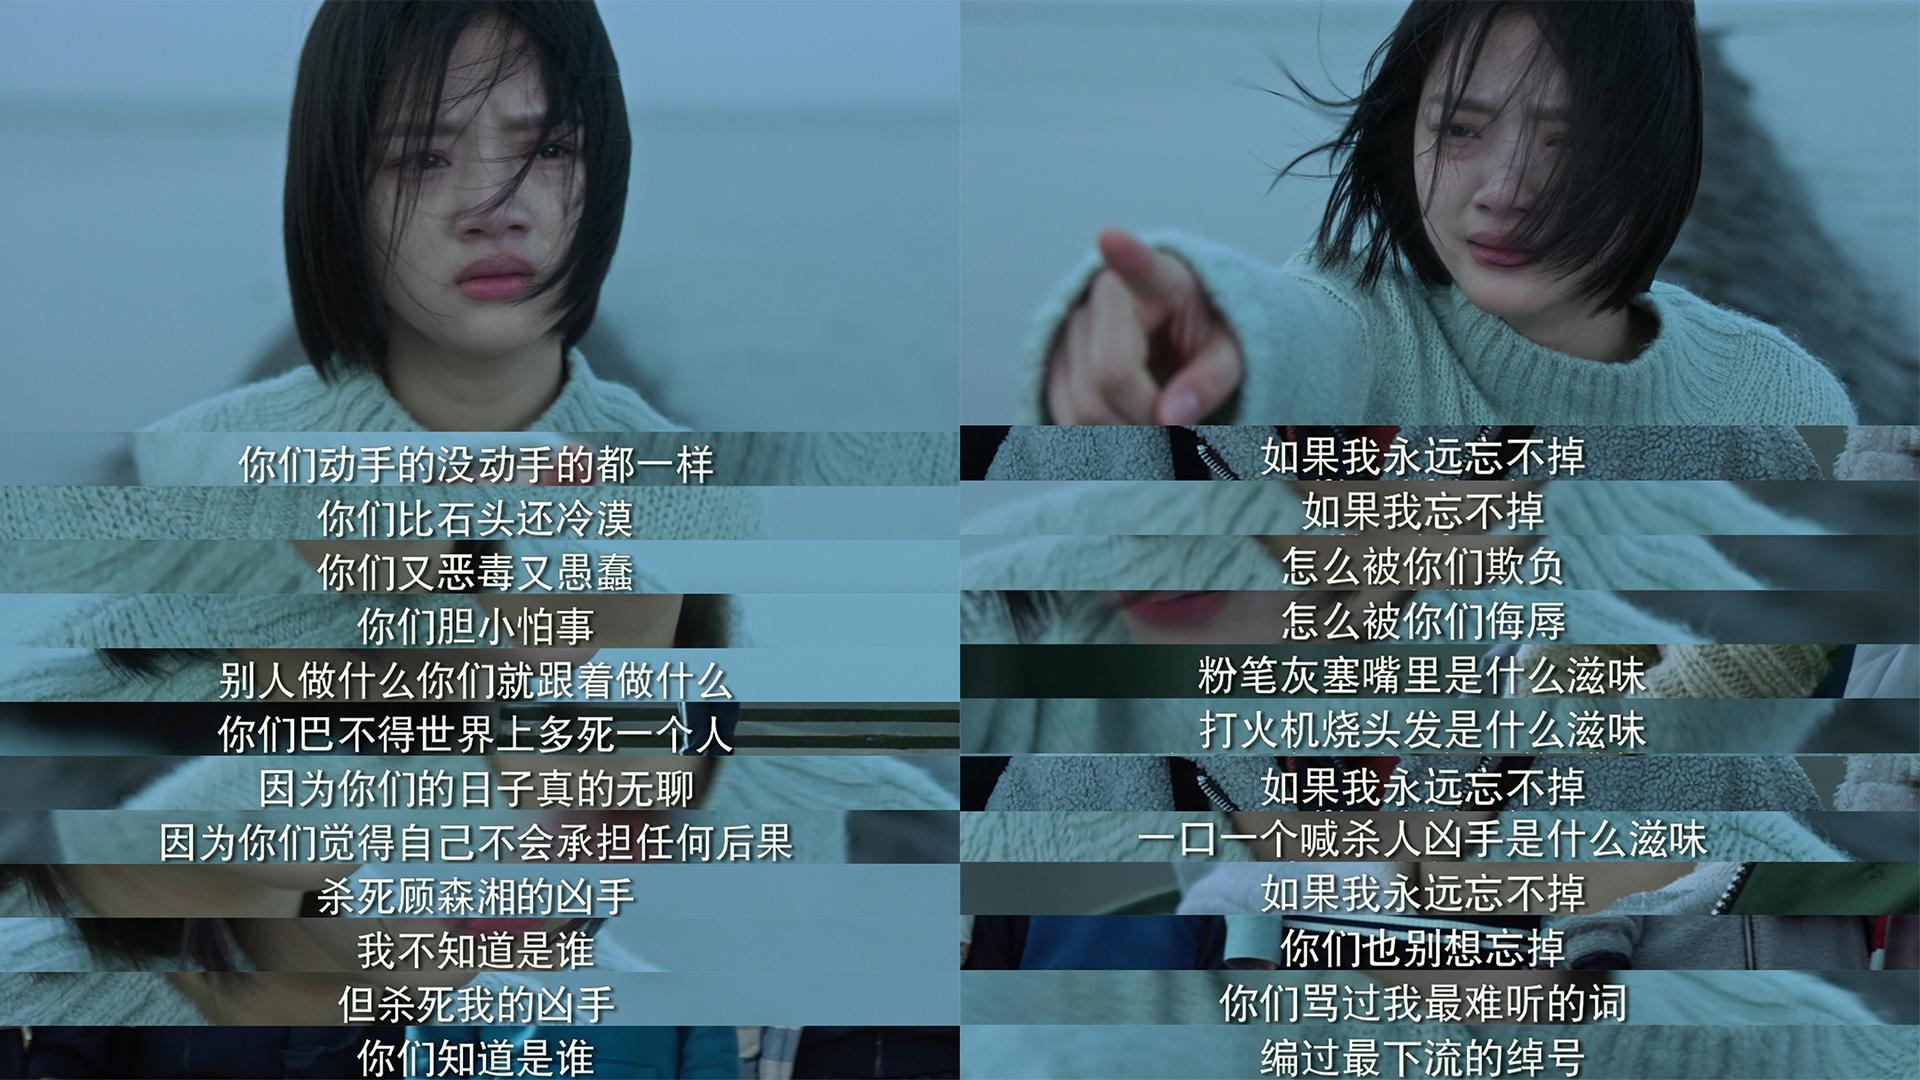 9月成年人电影网_这部电影改编自郭敬明的长篇小说《悲伤逆流成河》,以校园为背景映射